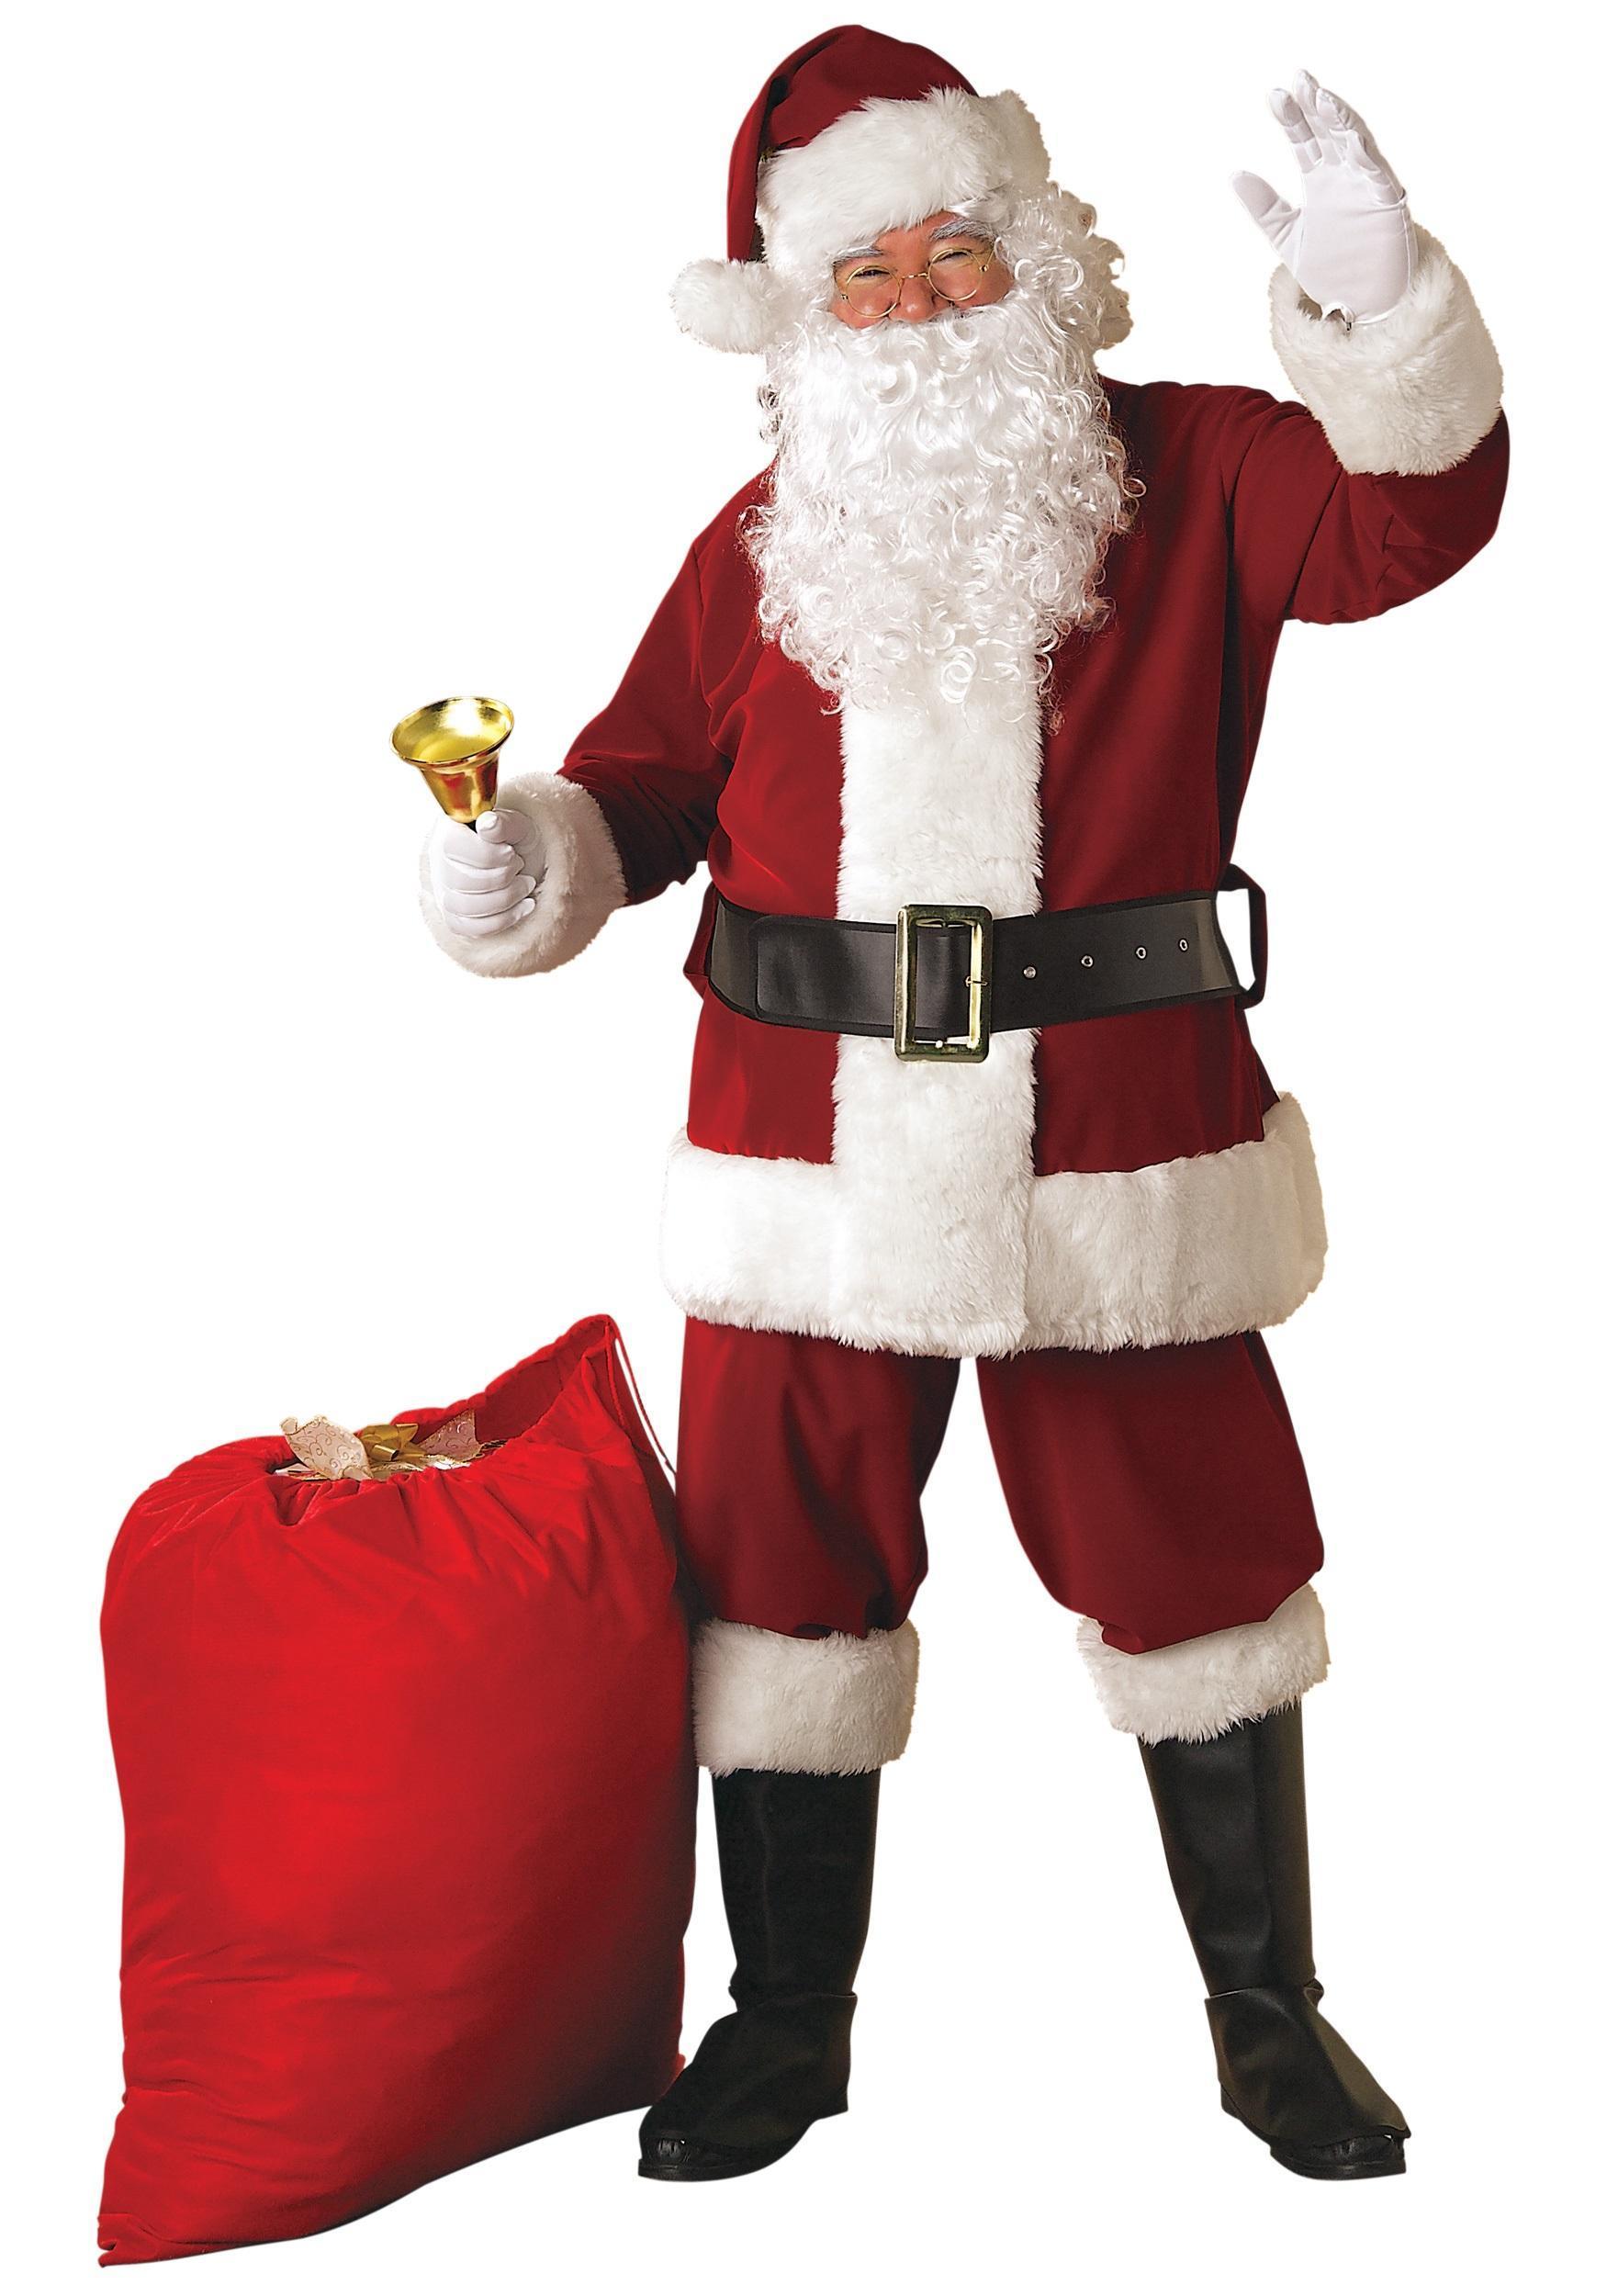 Imagenes Gratis De Papa Noel.Papa Noel Imagenes Gratis For Android Apk Download